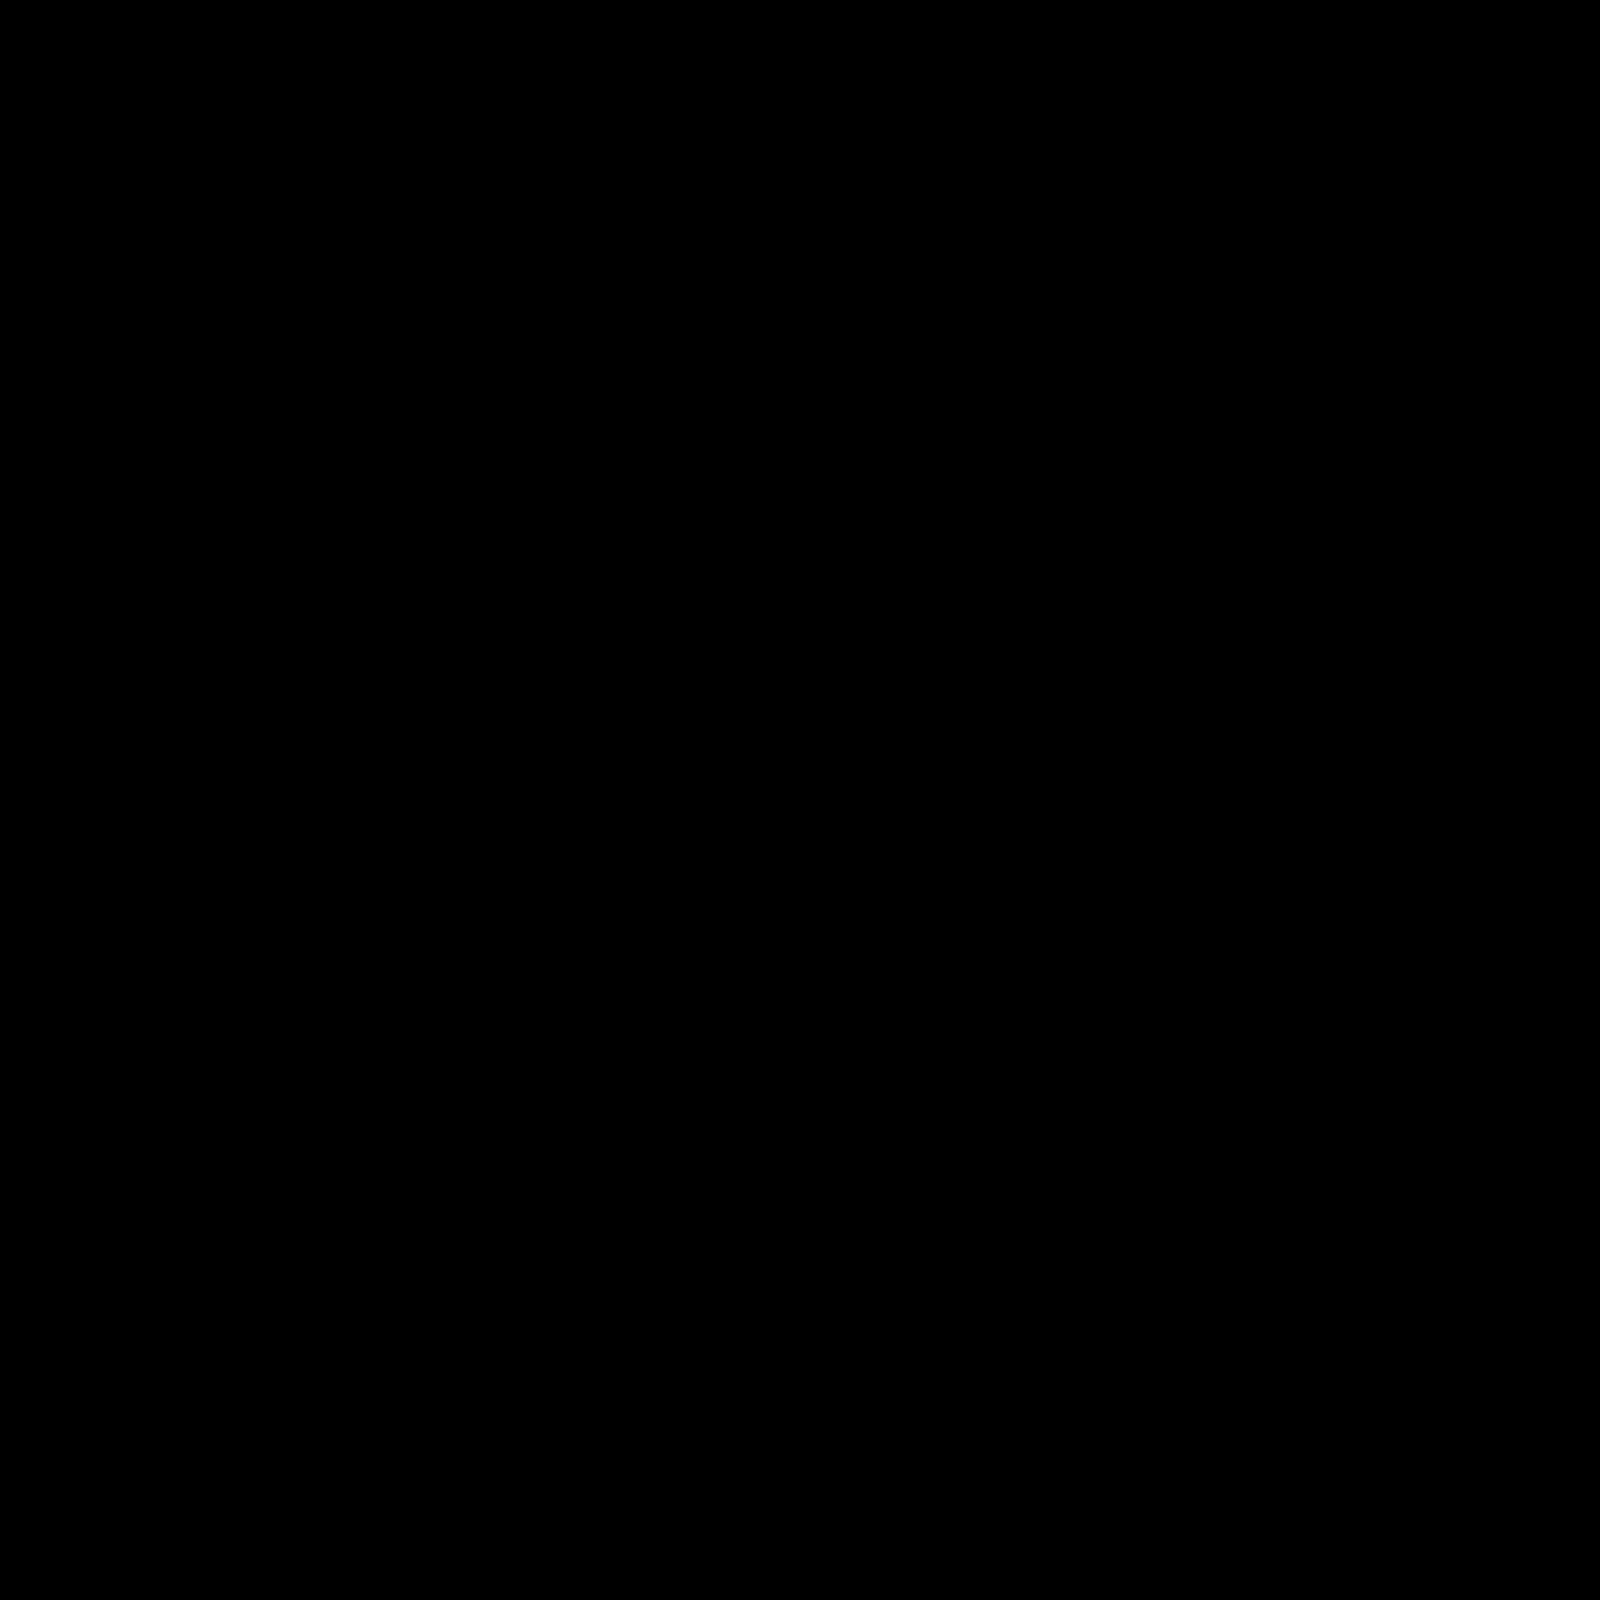 话音呈现 icon. It's the outline of a person's head and shoulders with a thought bubble coming out from the right-hand side. The entire icon is colored white, while the person's silhouette and thought bubbles are thick black outlines.